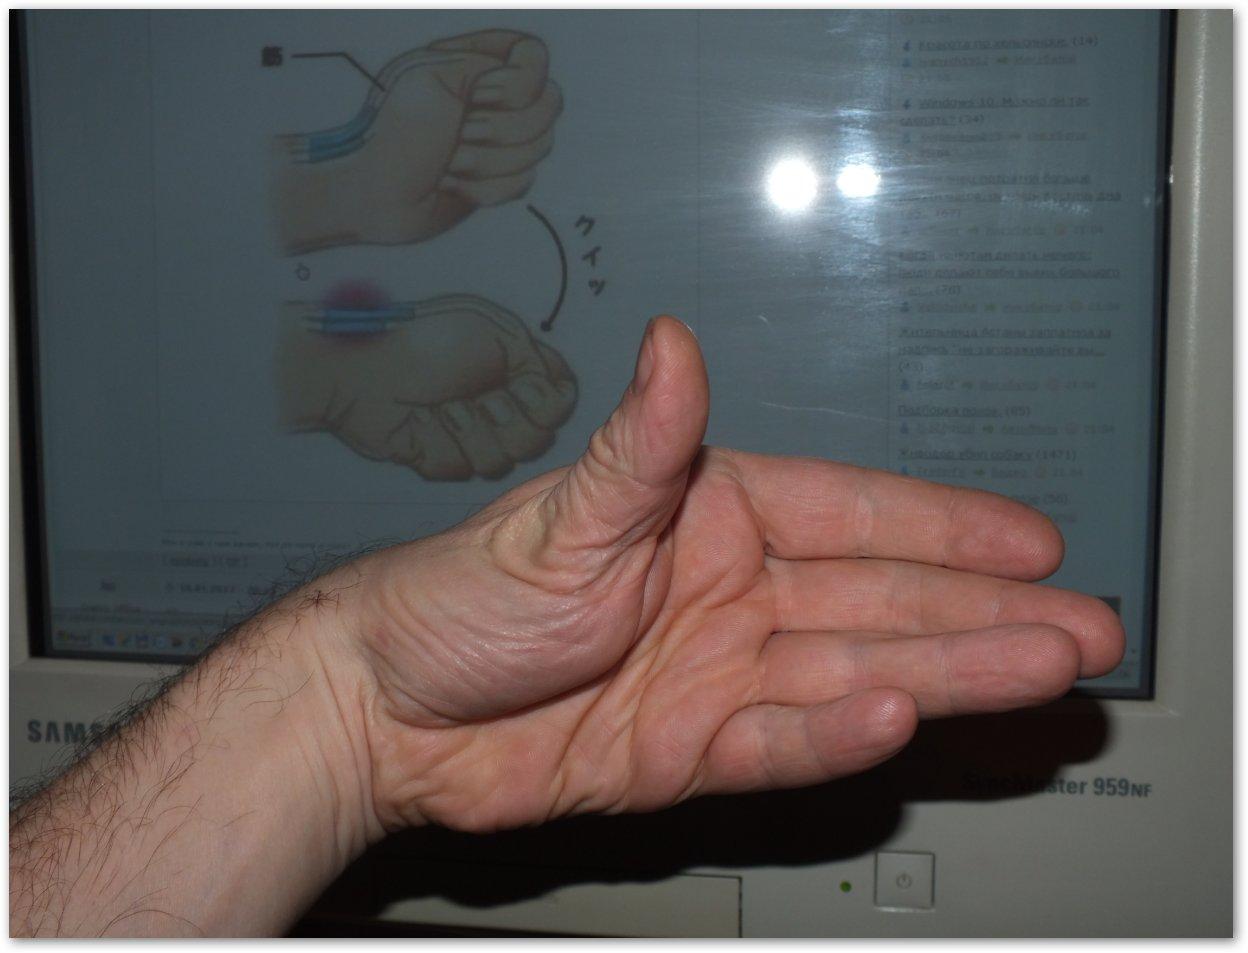 Вывих пальца на руке что делать симптомы диагностика лечение